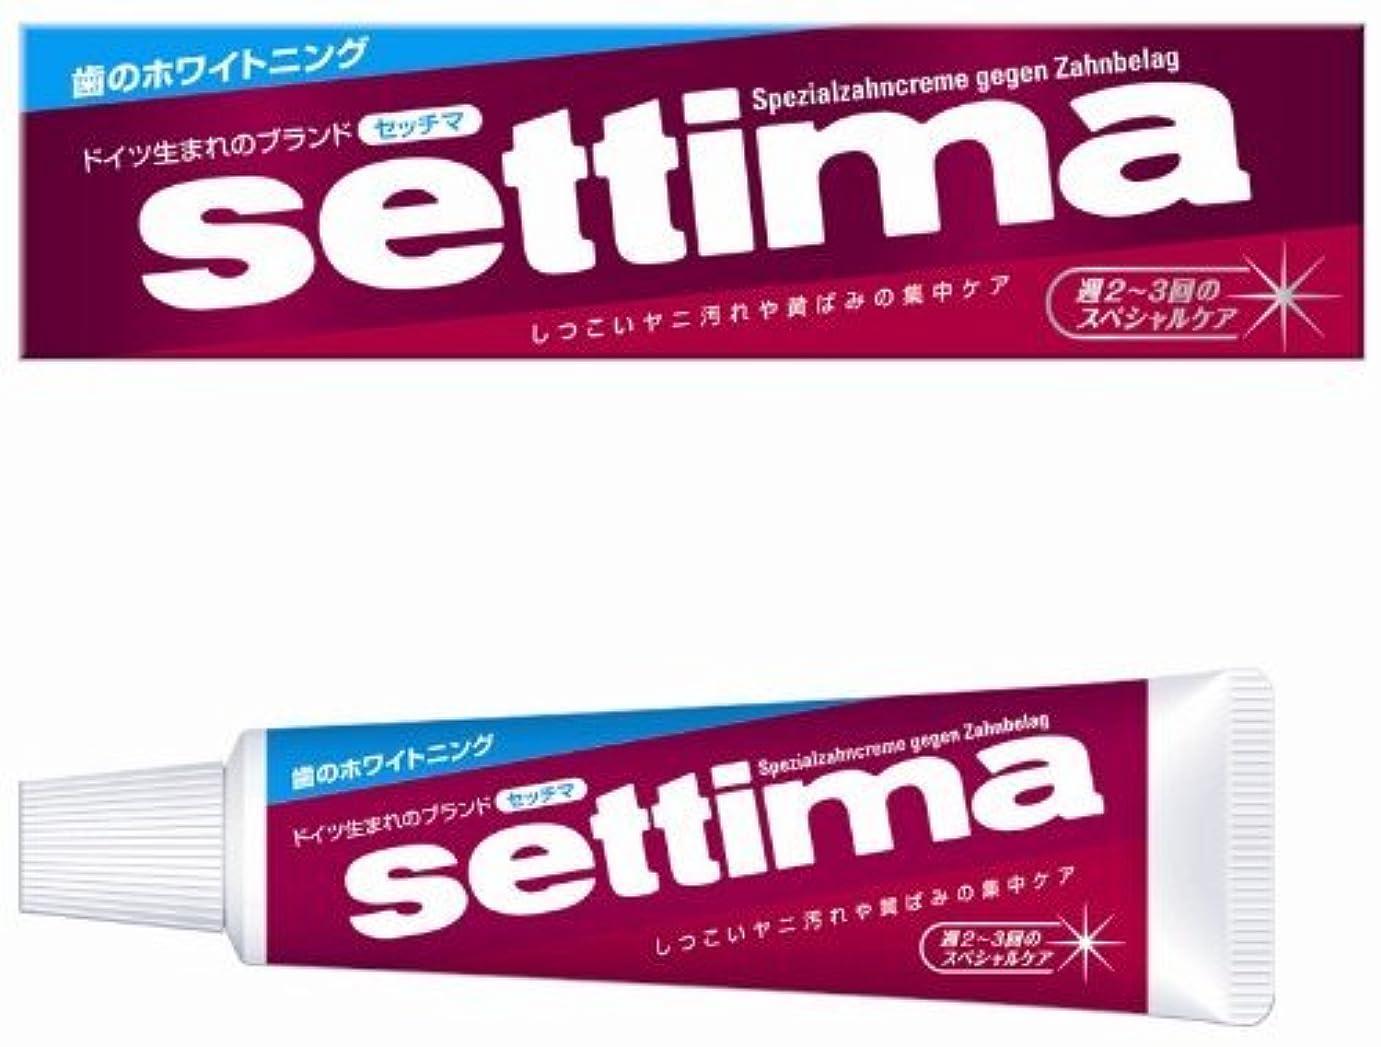 イブ言うまでもなく口述settima(セッチマ) はみがき スペシャル (箱タイプ) 40g